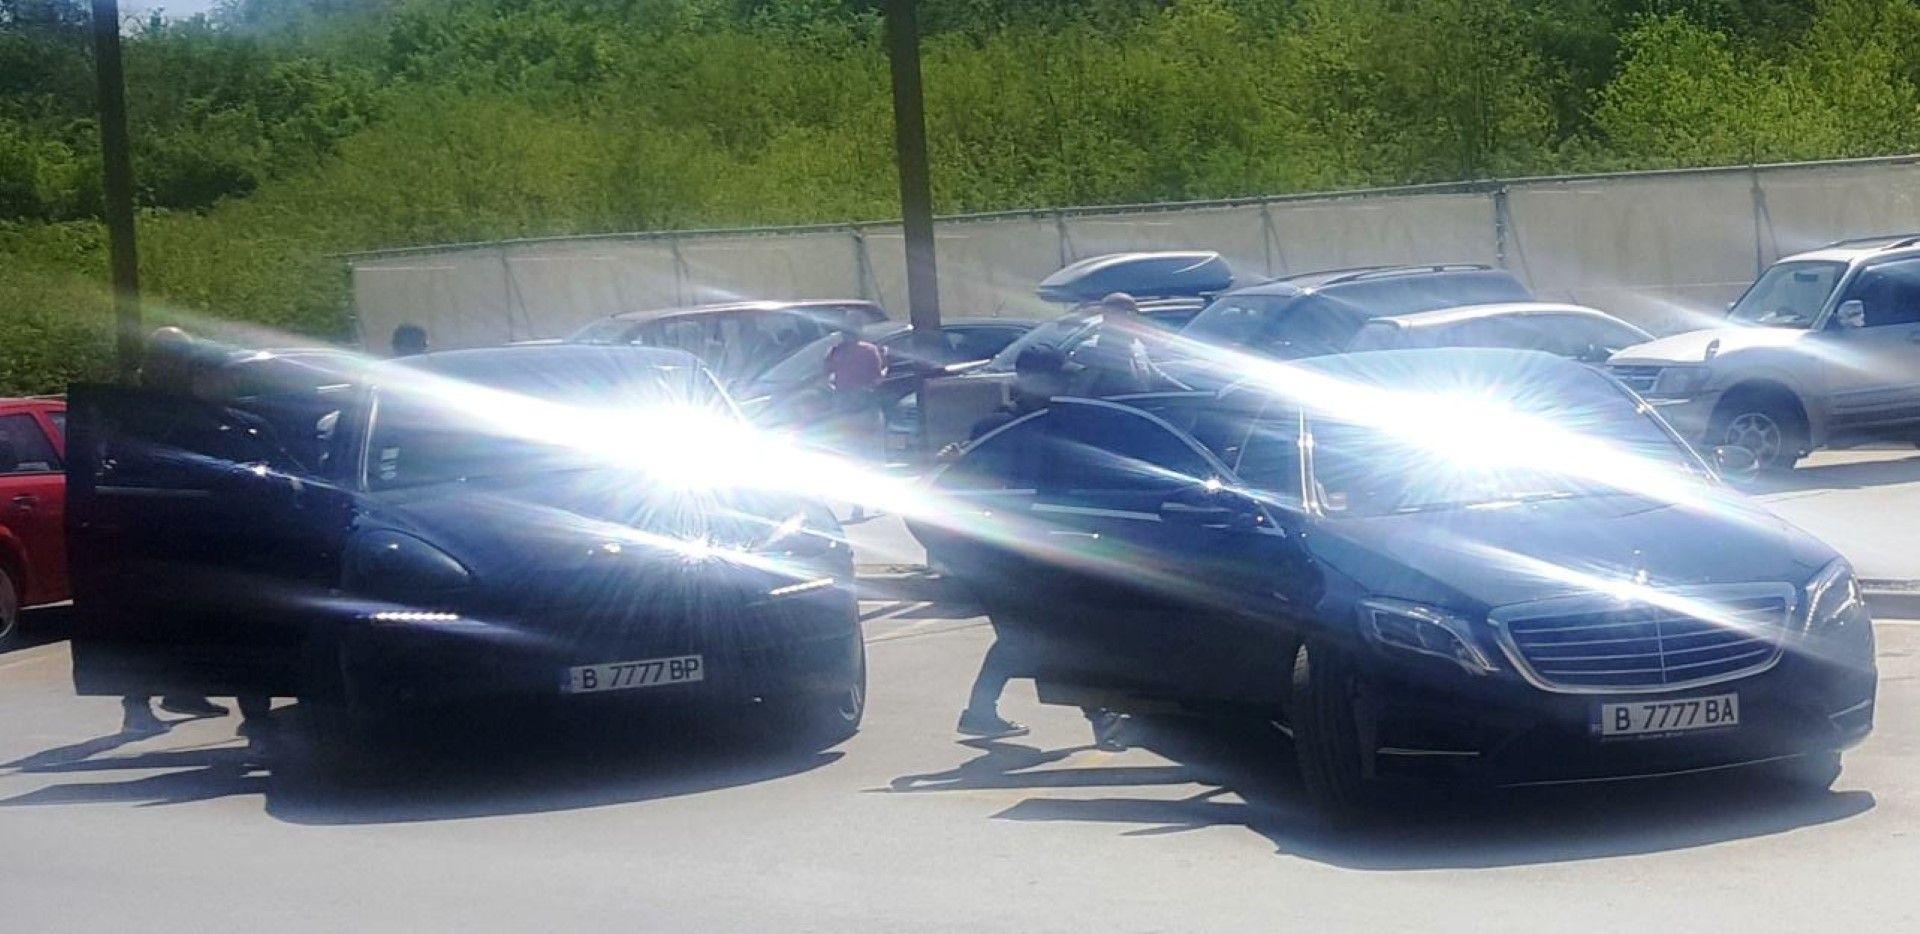 Шофьорите първоначално са отказали да направят място за други коли